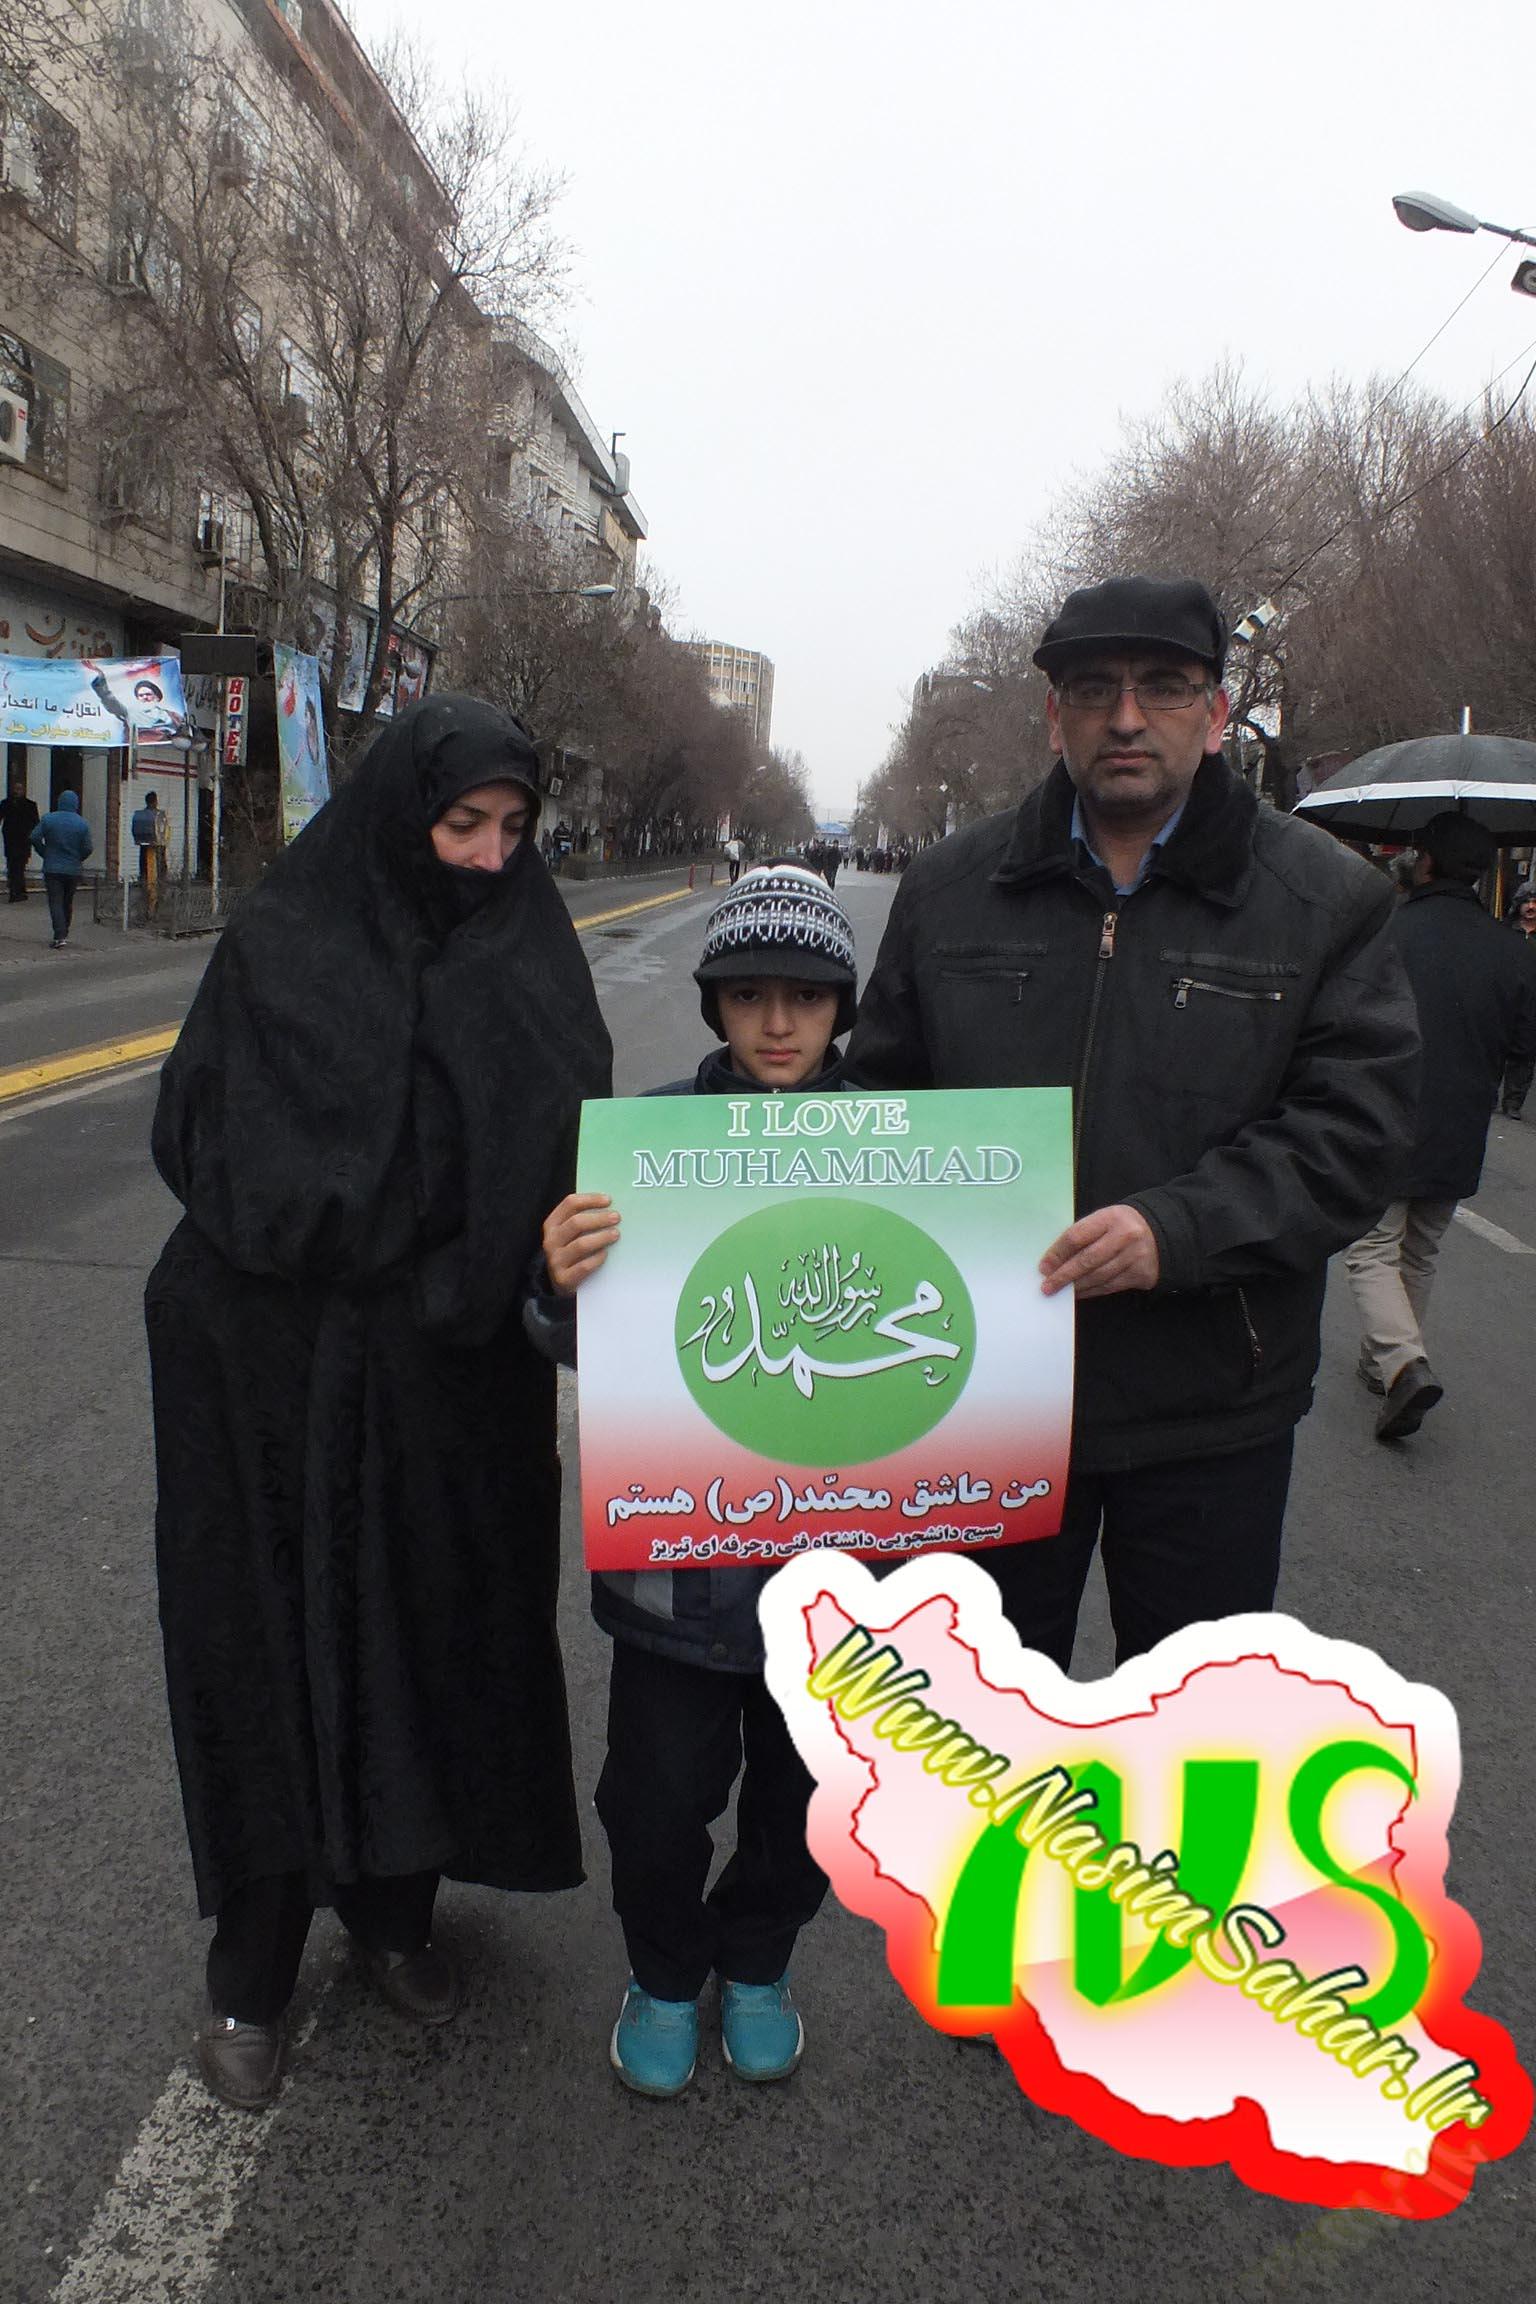 سری یک-عاشقان حضرت محمدص-22 بهمن ماه